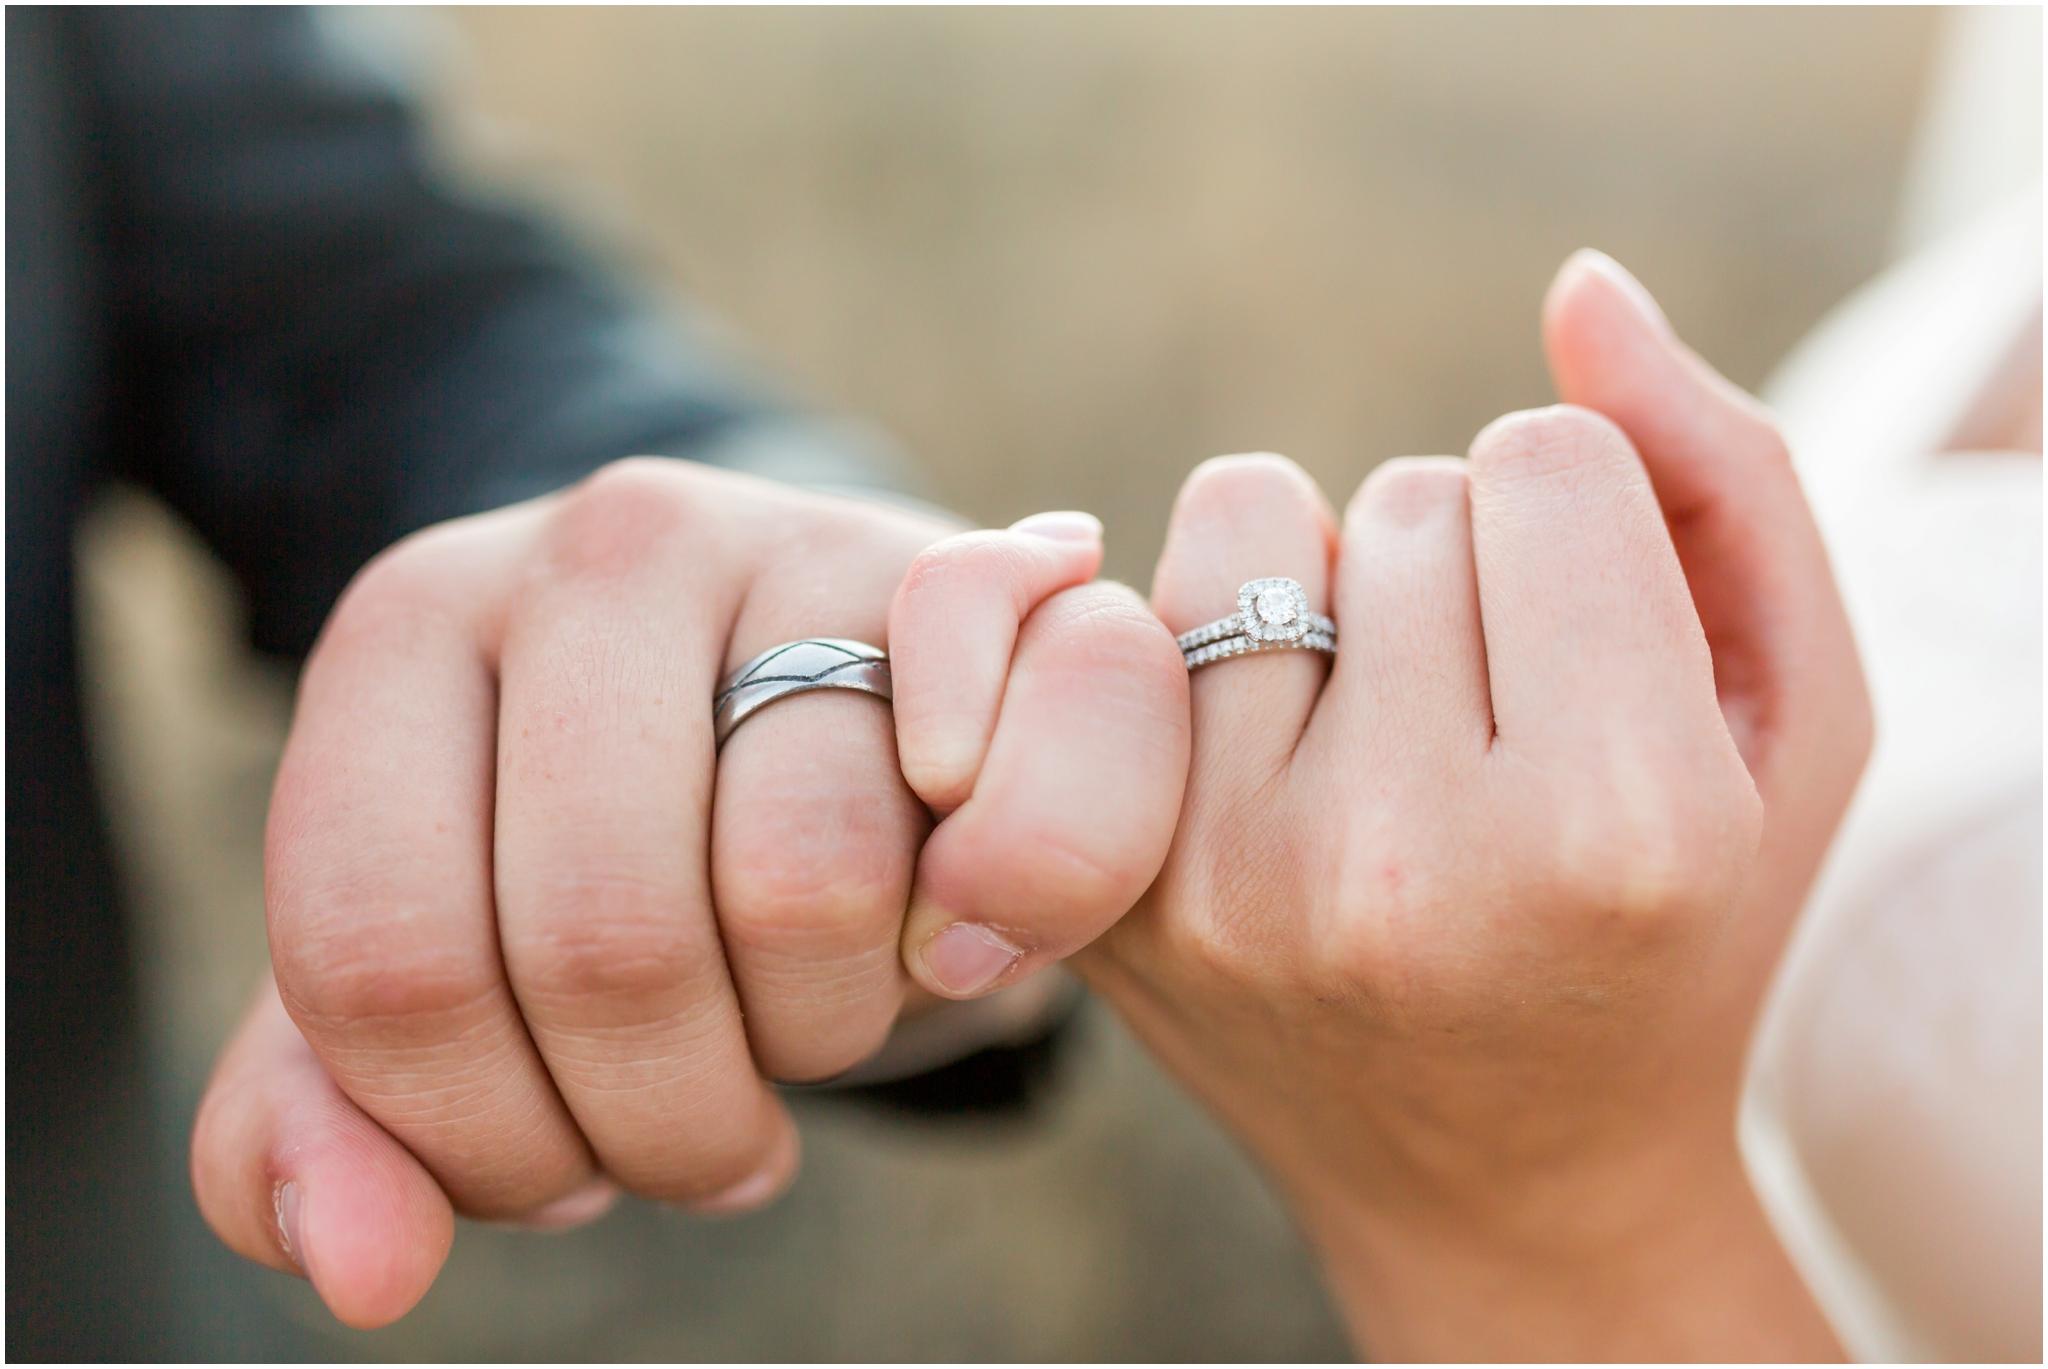 wedding rings on hands.JPG